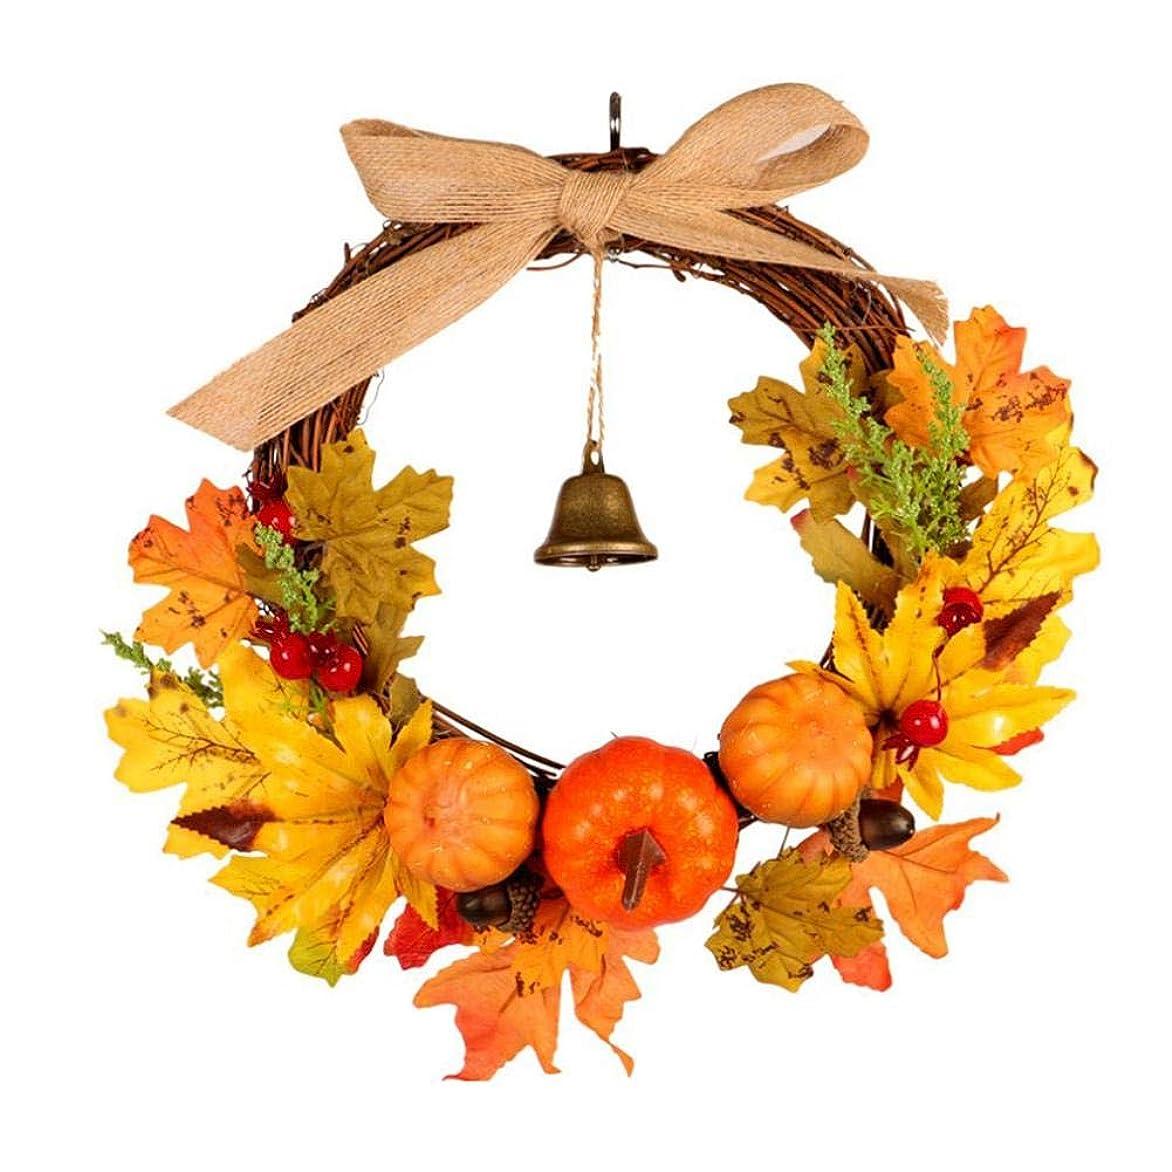 。風すべてハンドメイドリース 造花 ドアリース 飾り ハロウィン用 クリスマス用 店舗 玄関 壁掛け 庭園 飾り 家の装飾用 結婚式 造花 花輪 撮影 道具